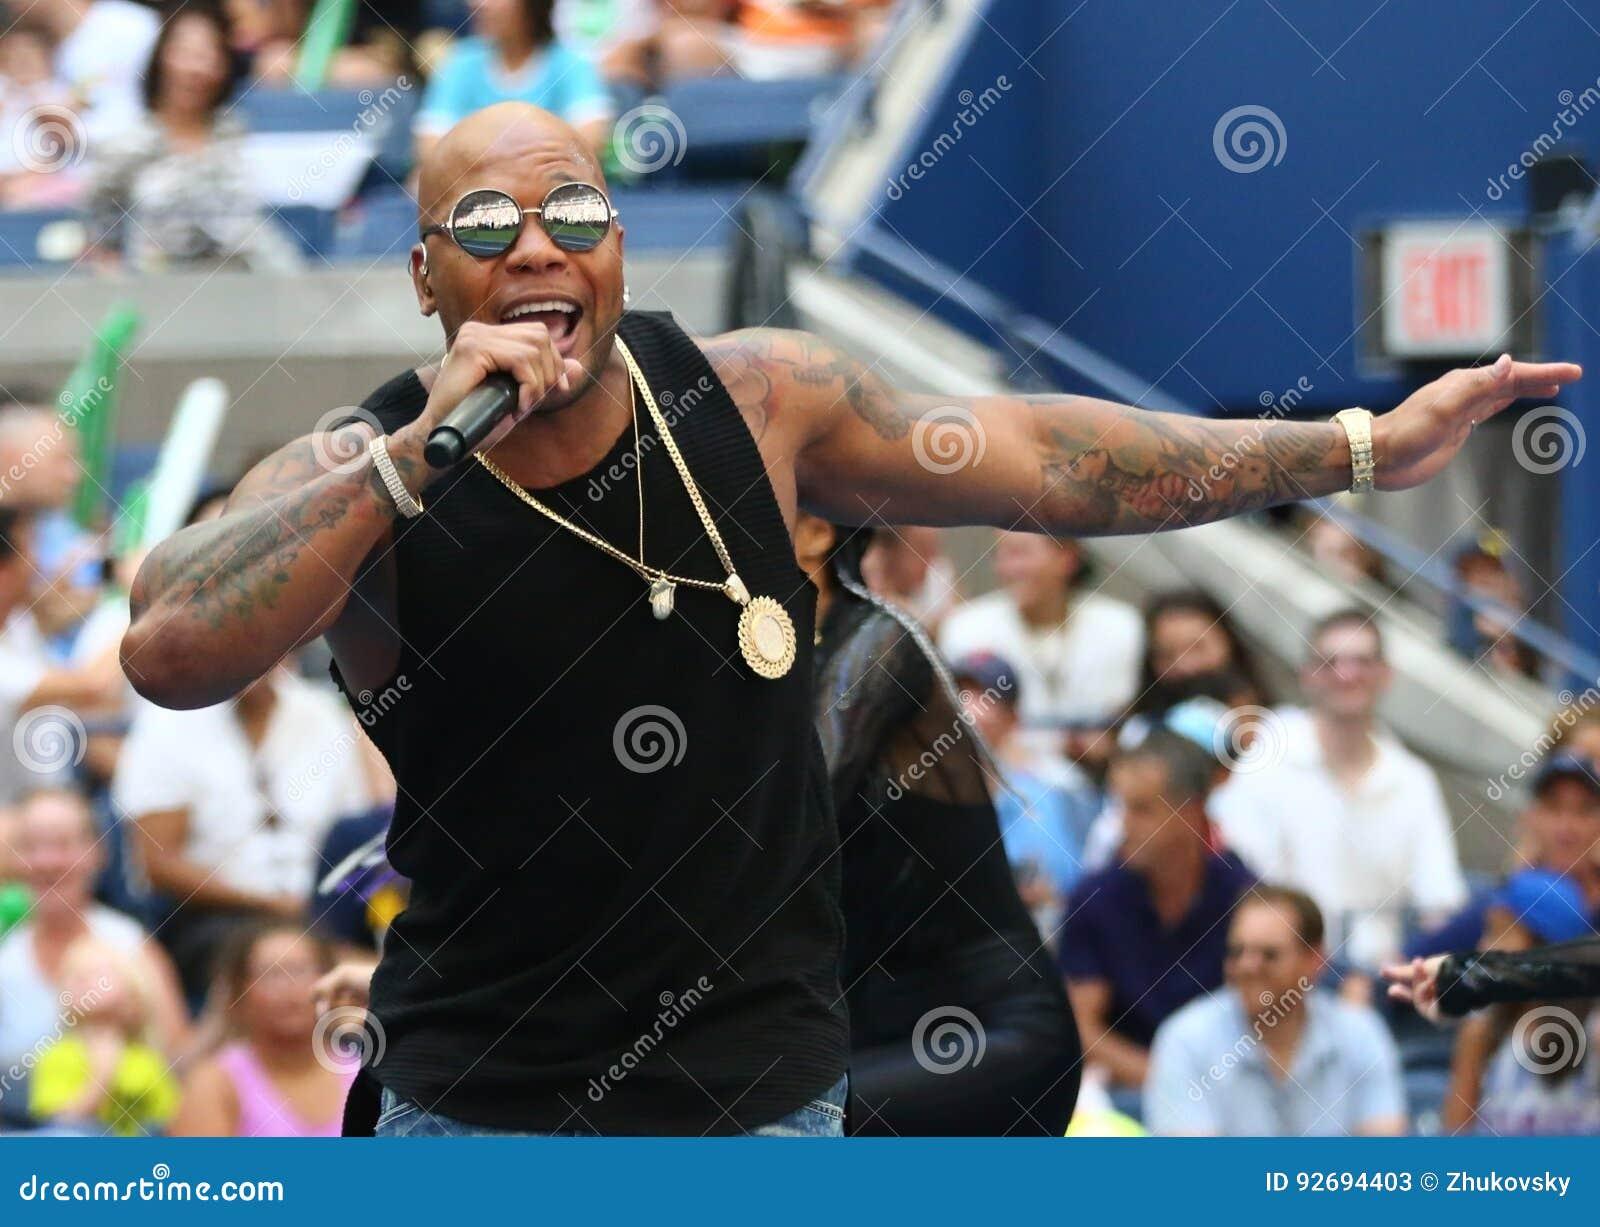 Amerykański raper, piosenkarz i kompozytor Flo Rida, uczestniczymy przy Arthur Ashe dzieciaków dniem 2016